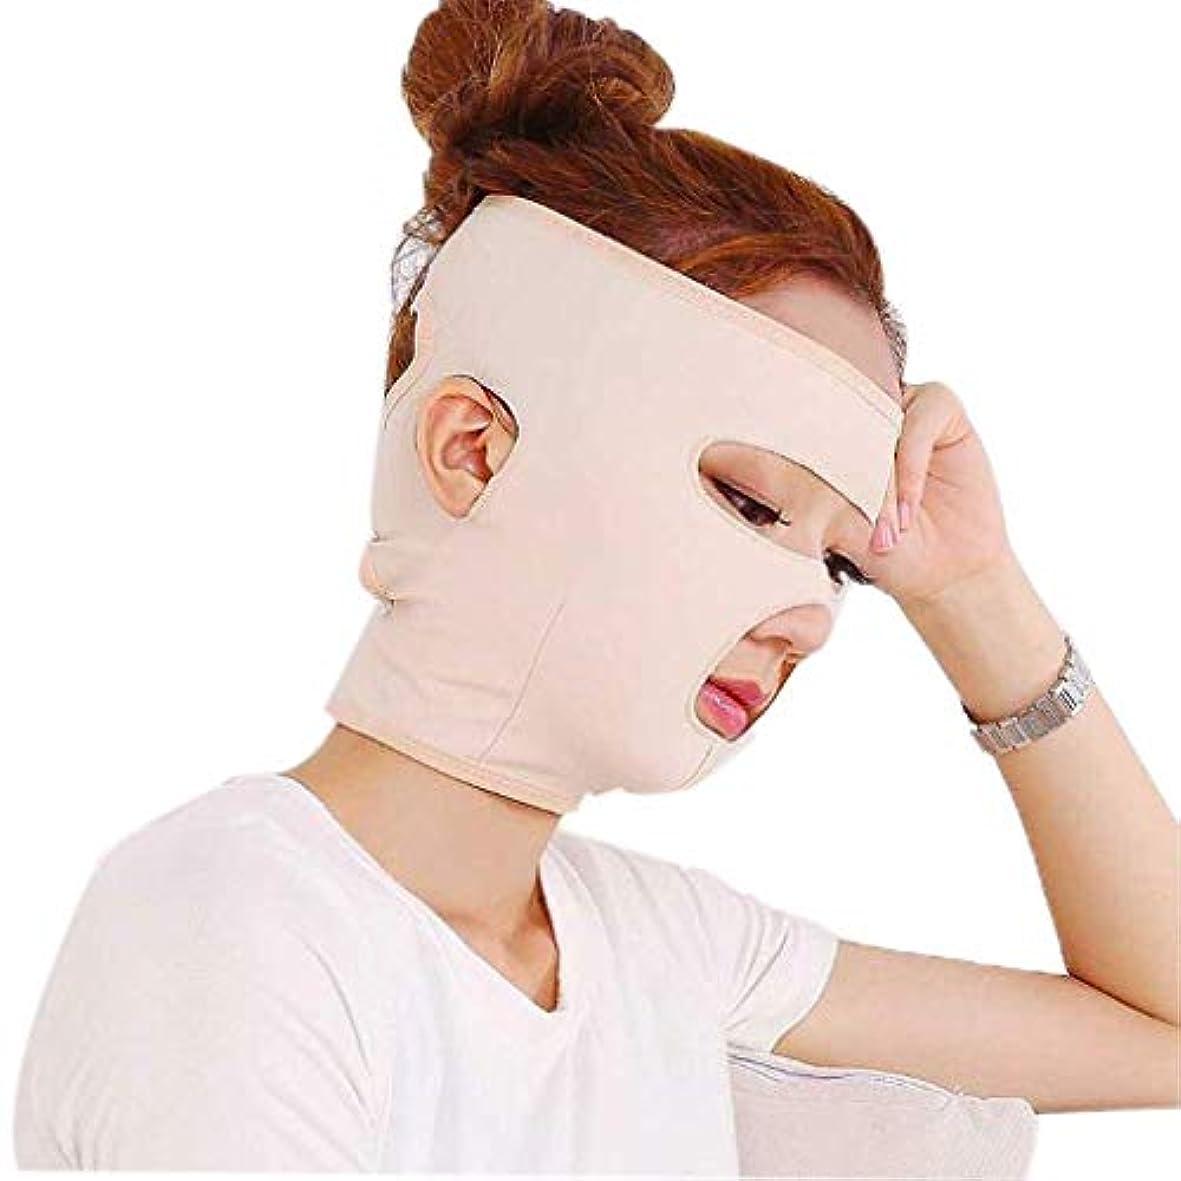 辞任取り扱い手を差し伸べるフェイスリフティングマスク、フルフェイス通気性の術後回復包帯リフティング引き締め肌の減少により小さなVフェイスマスクを作成(サイズ:L)